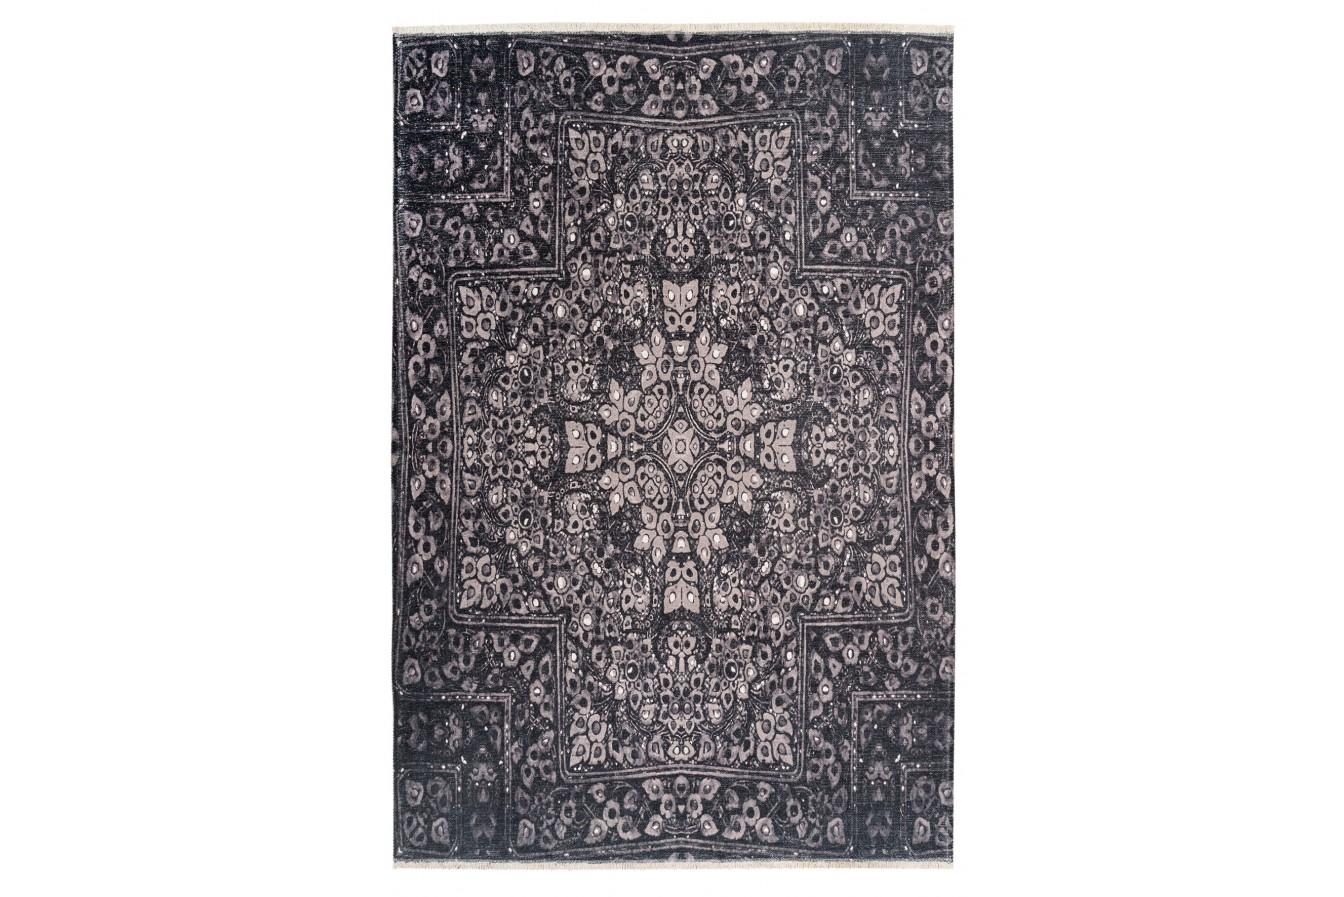 Dywan Outdoor Orientalny Szary Obsession Azteca 550 Grey